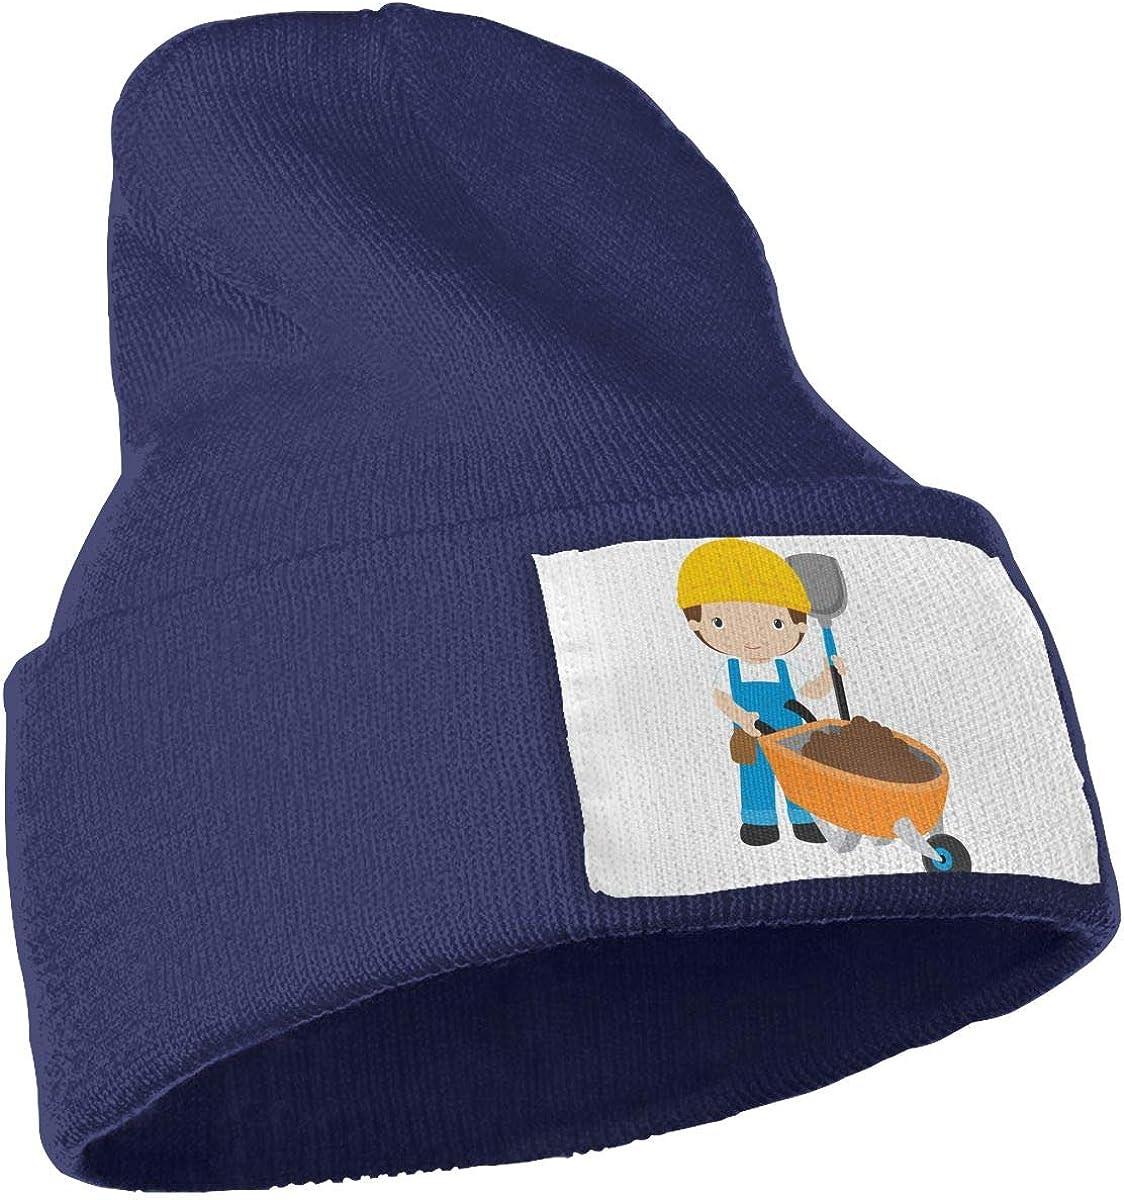 QZqDQ Cartoon Labourer Unisex Fashion Knitted Hat Luxury Hip-Hop Cap